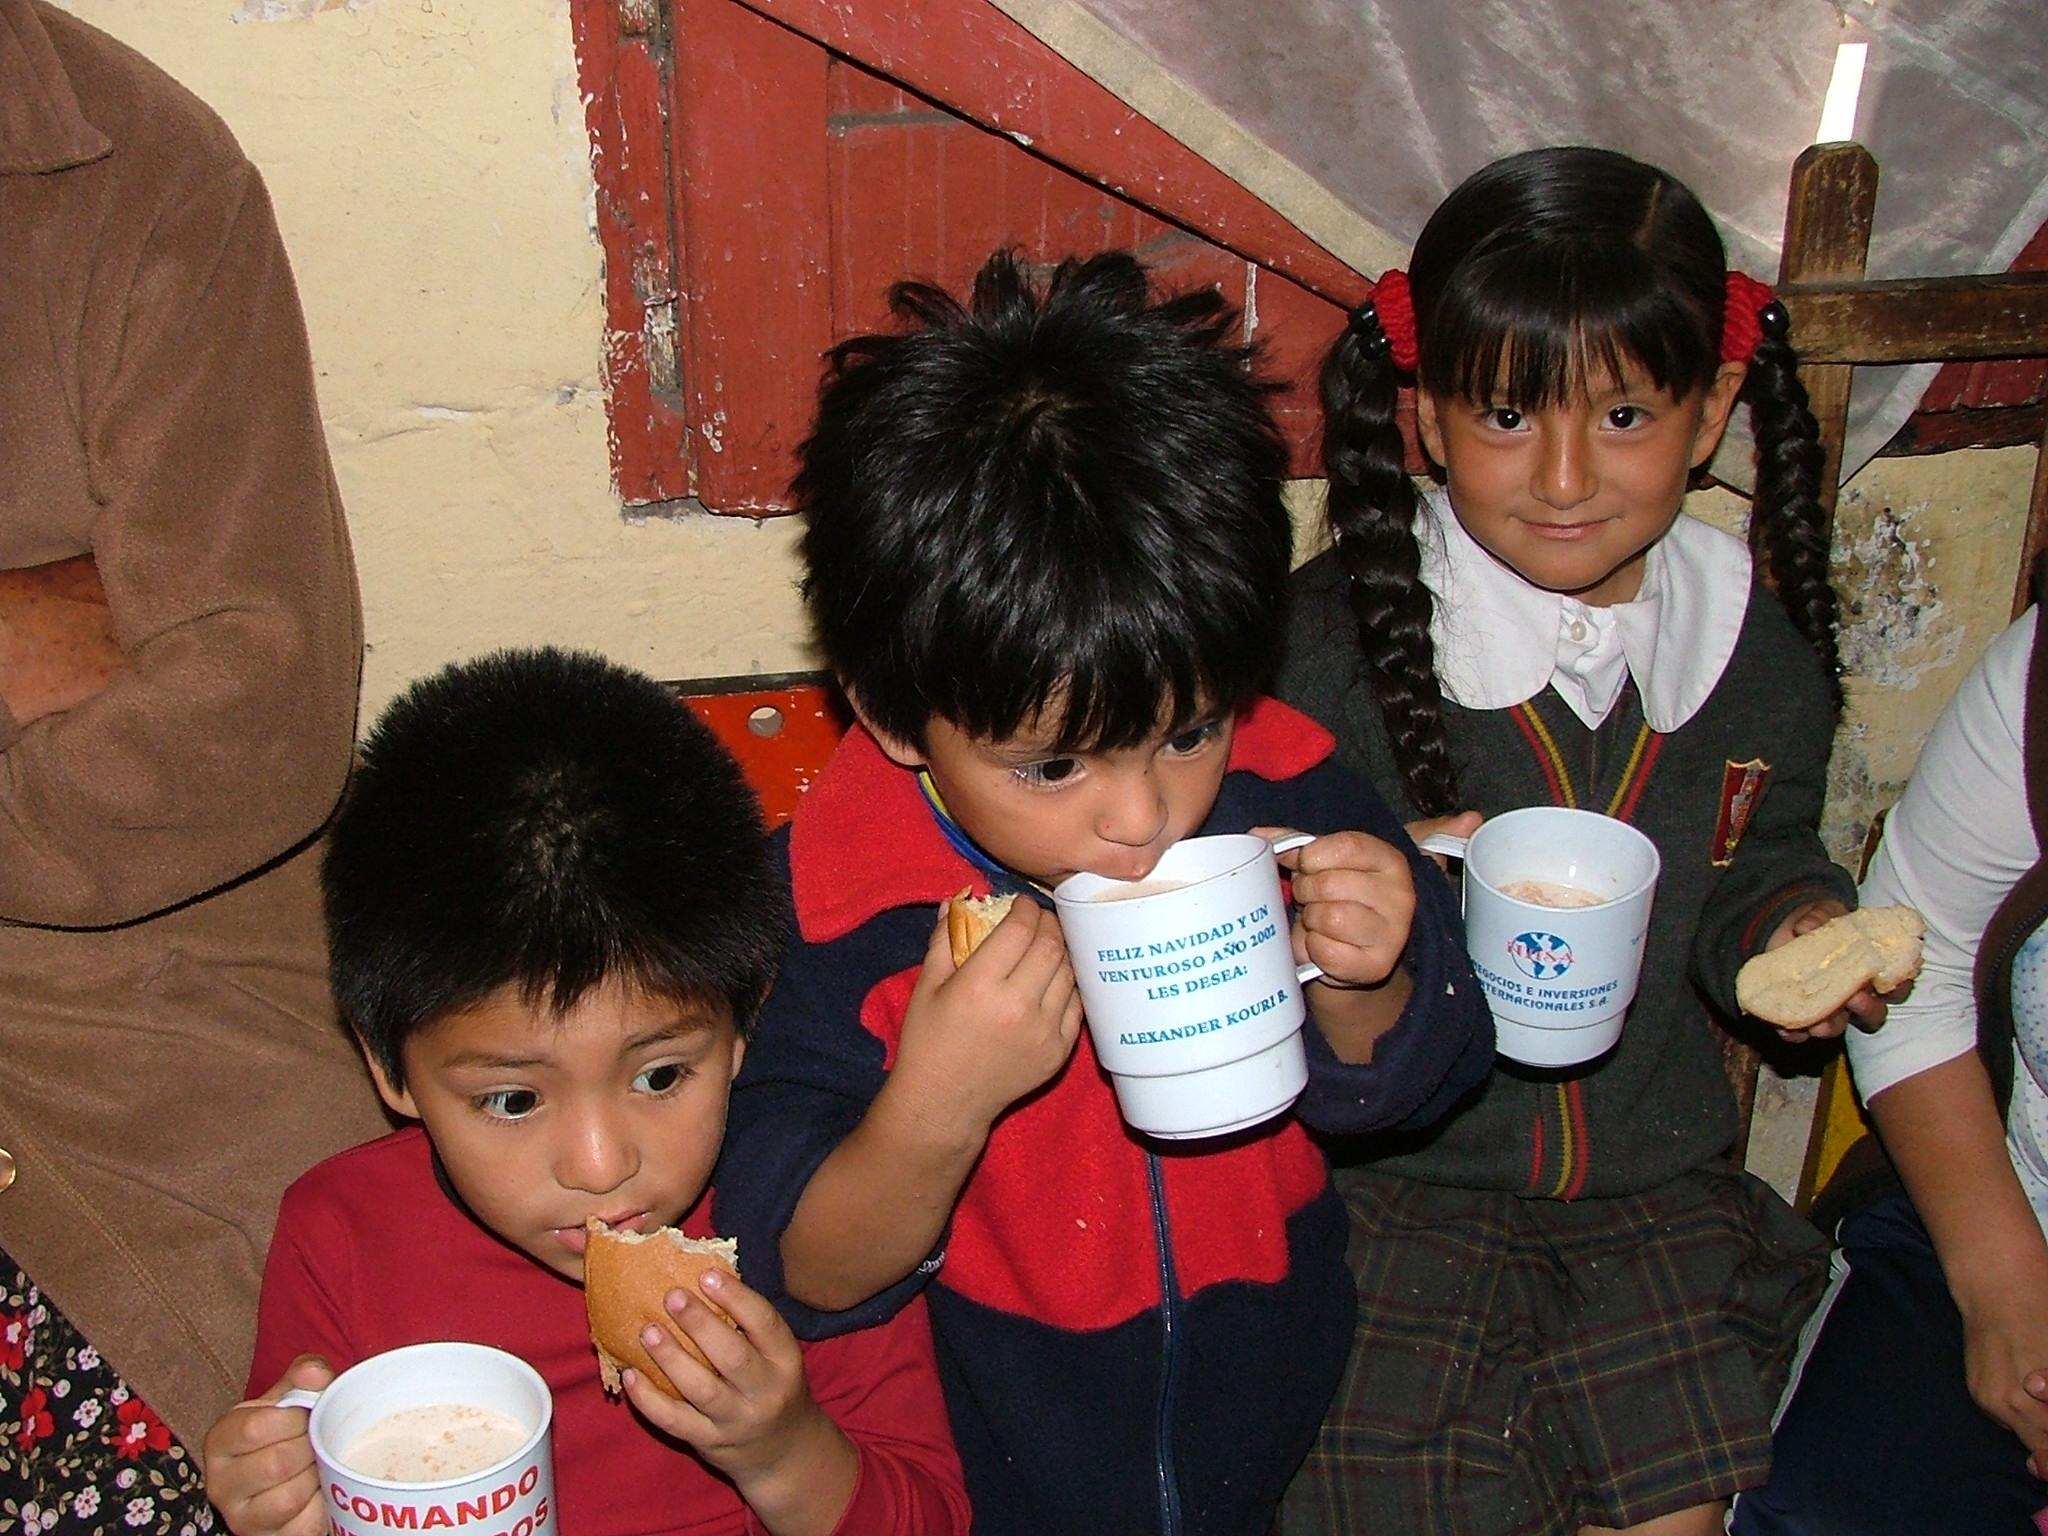 La 'Solidarietà in buone mani' ritorna in Perù